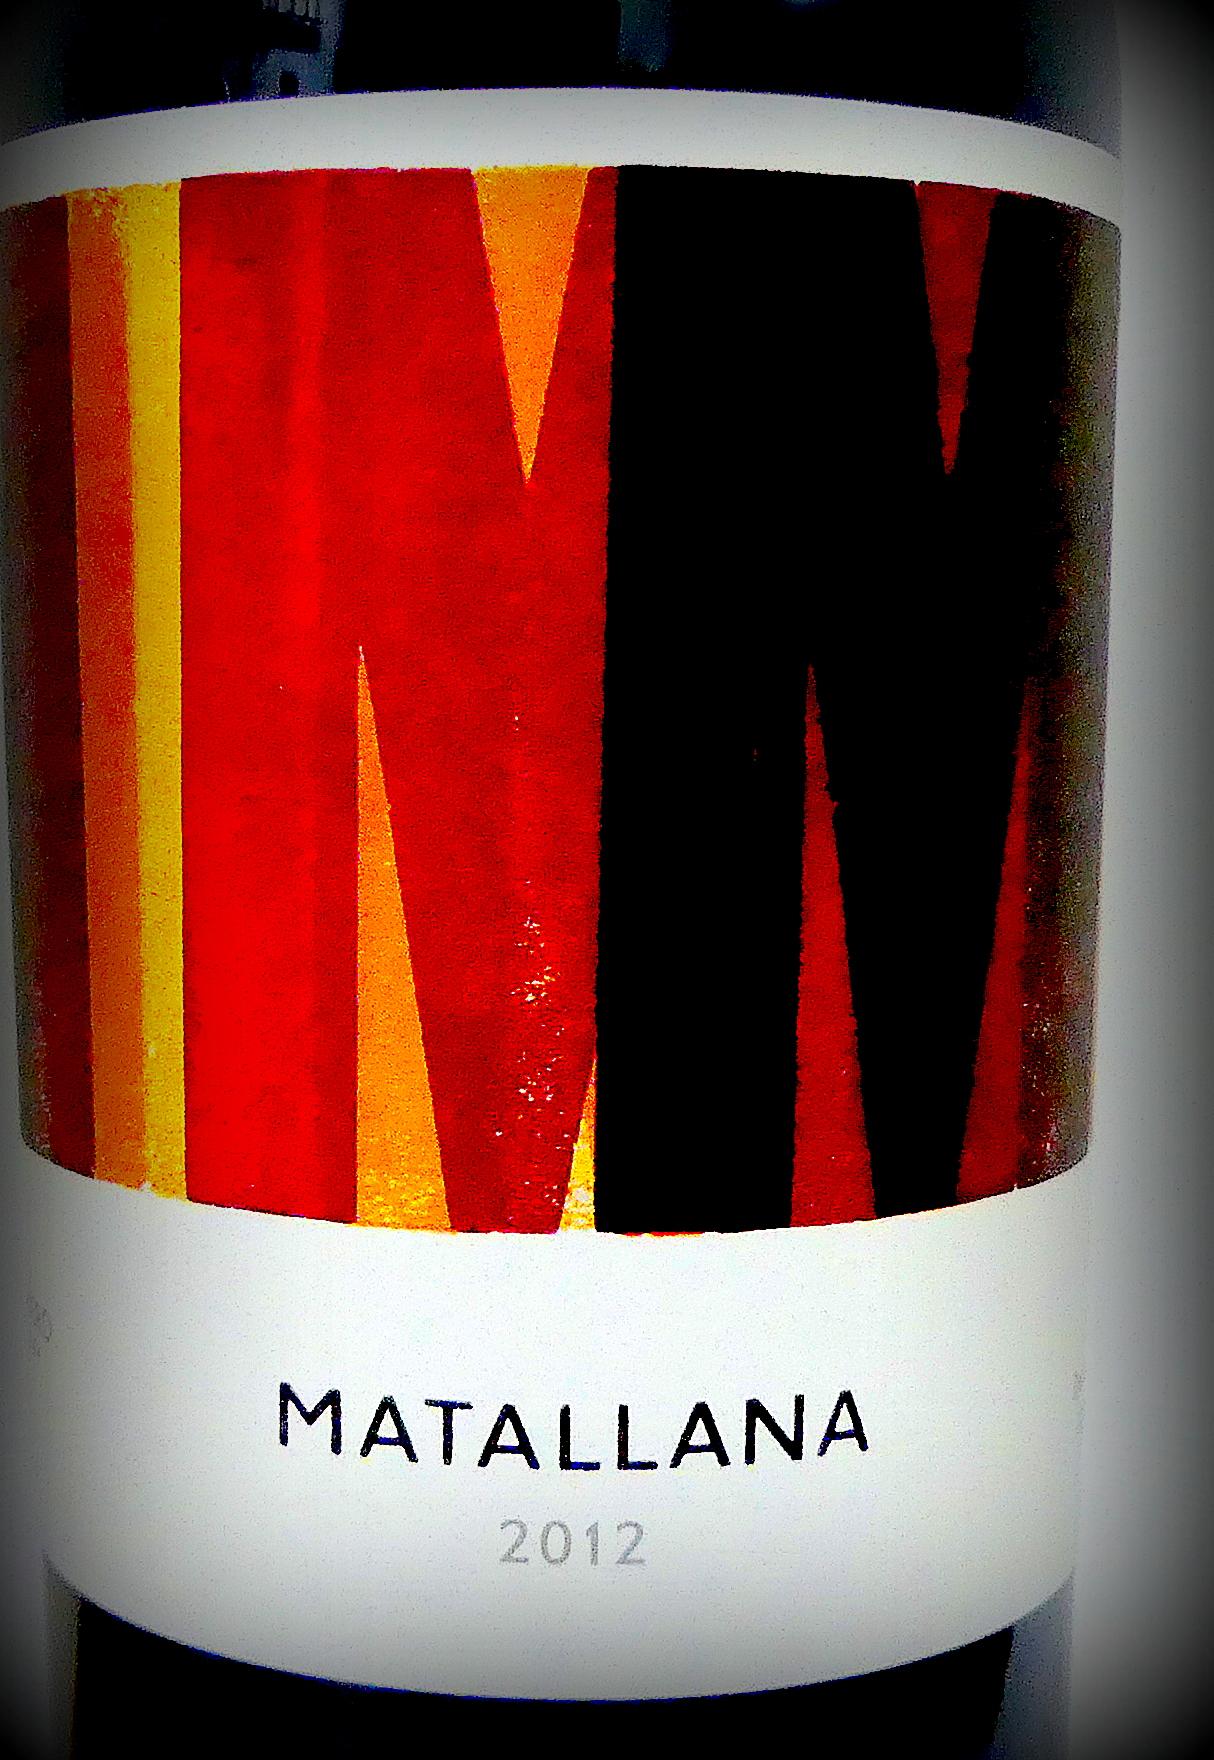 Matallana